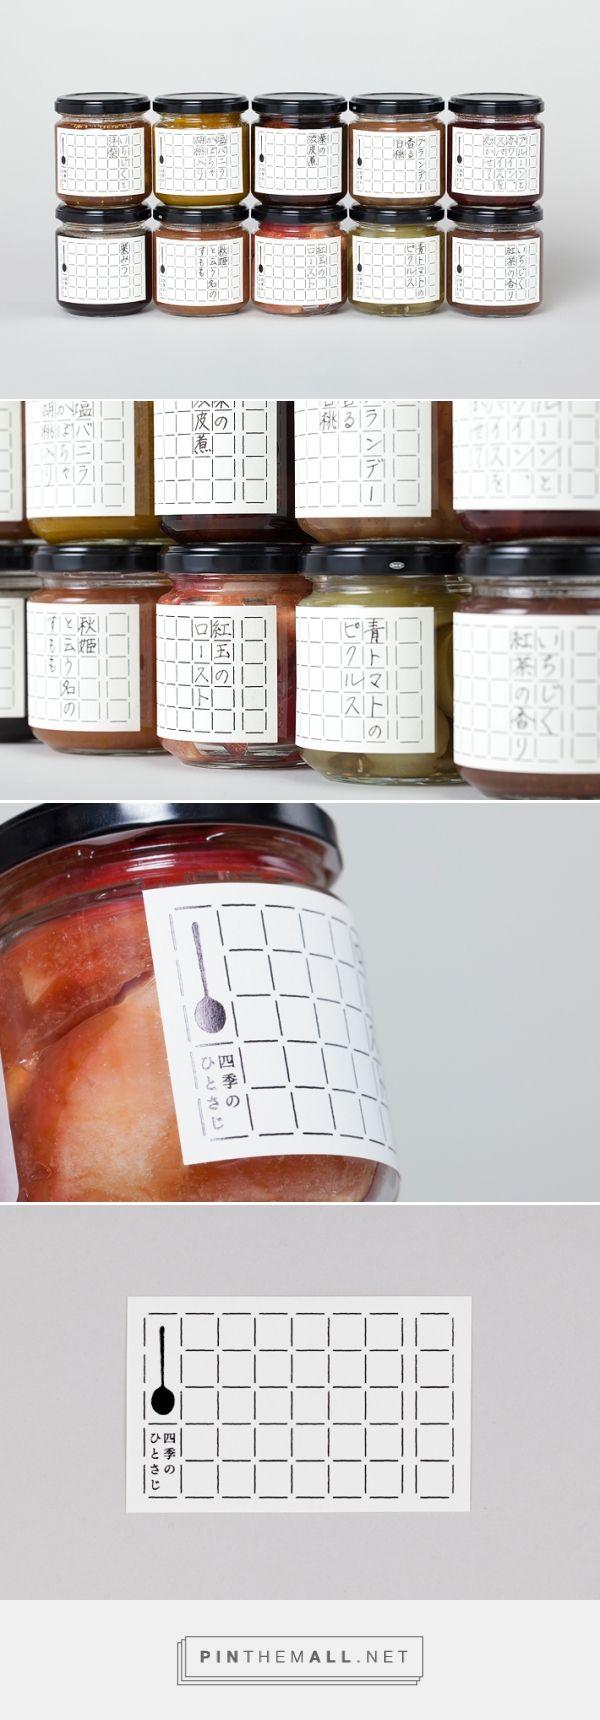 Homesickdesign pinterest for Cama 0 90 x 1 90